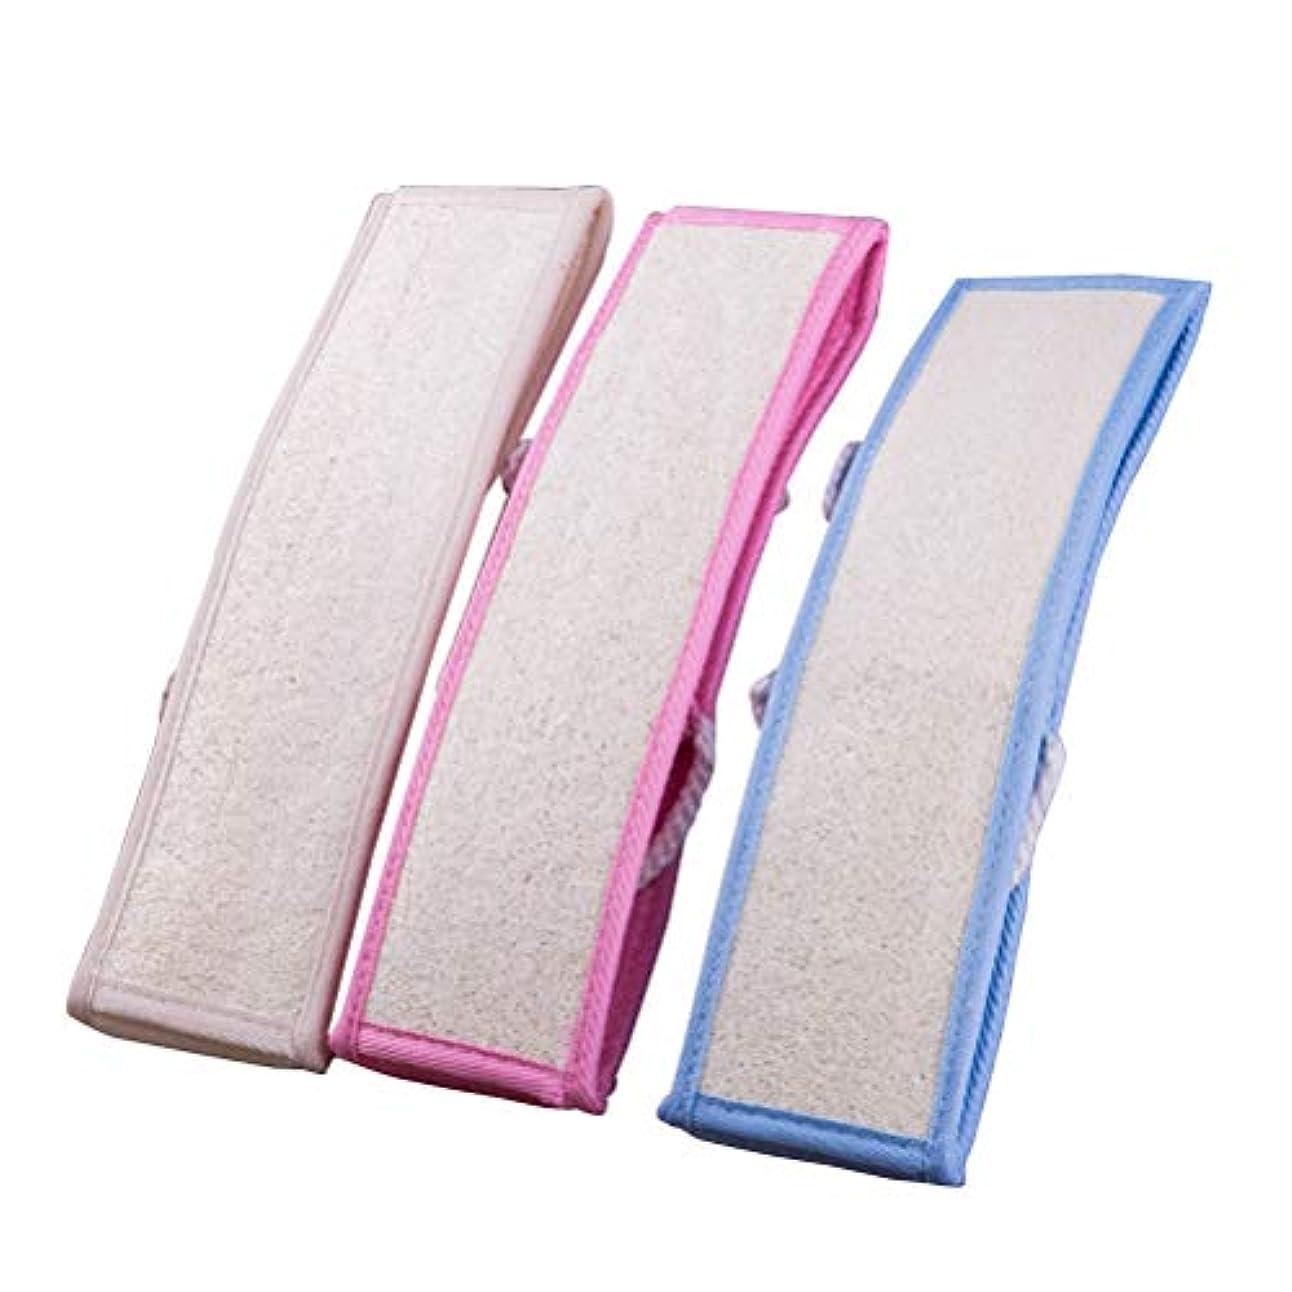 ところでベッドのためにHealifty 3本のLoofahバックストラップ剥離バックスクラバーロングシャワーバスLoofah(青、ピンク、白各1個)